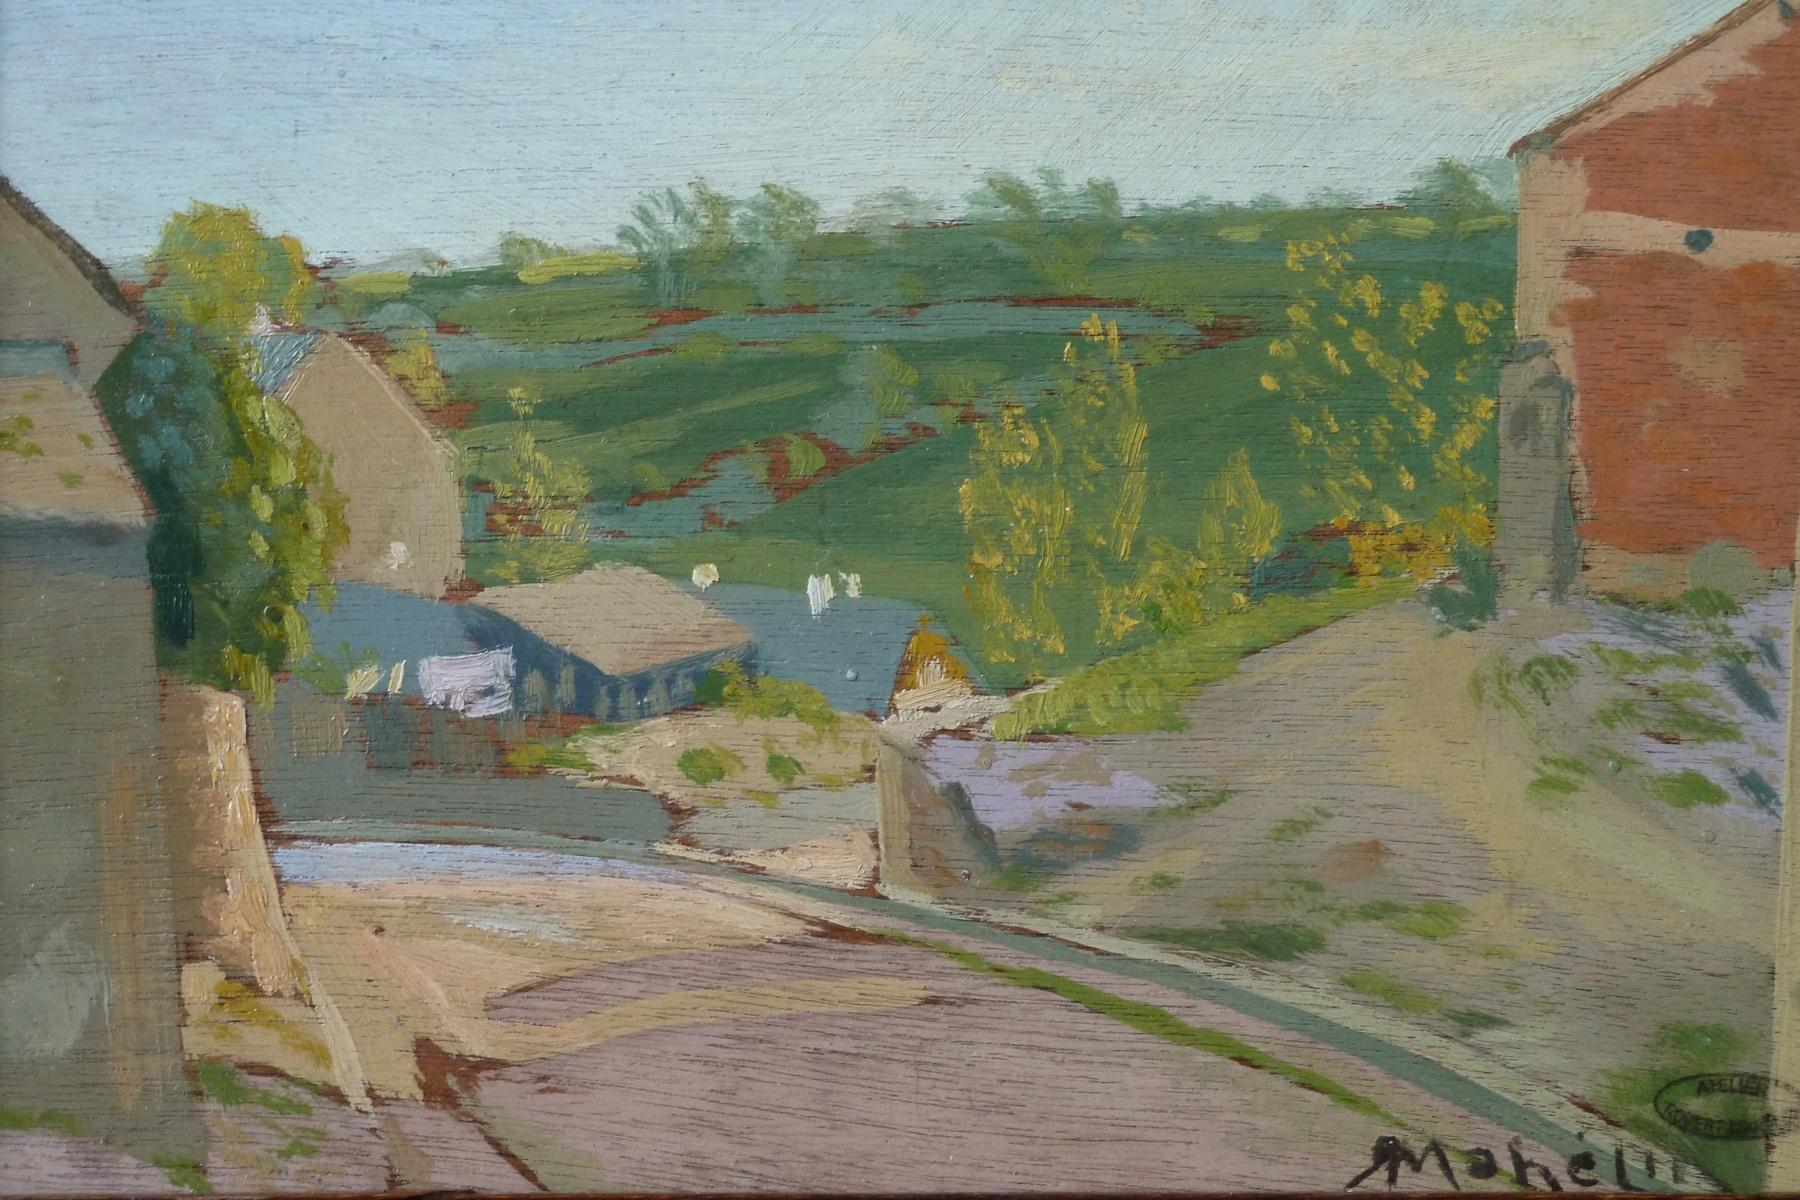 mahelin robert paul un des hameaux de saint illide cantal